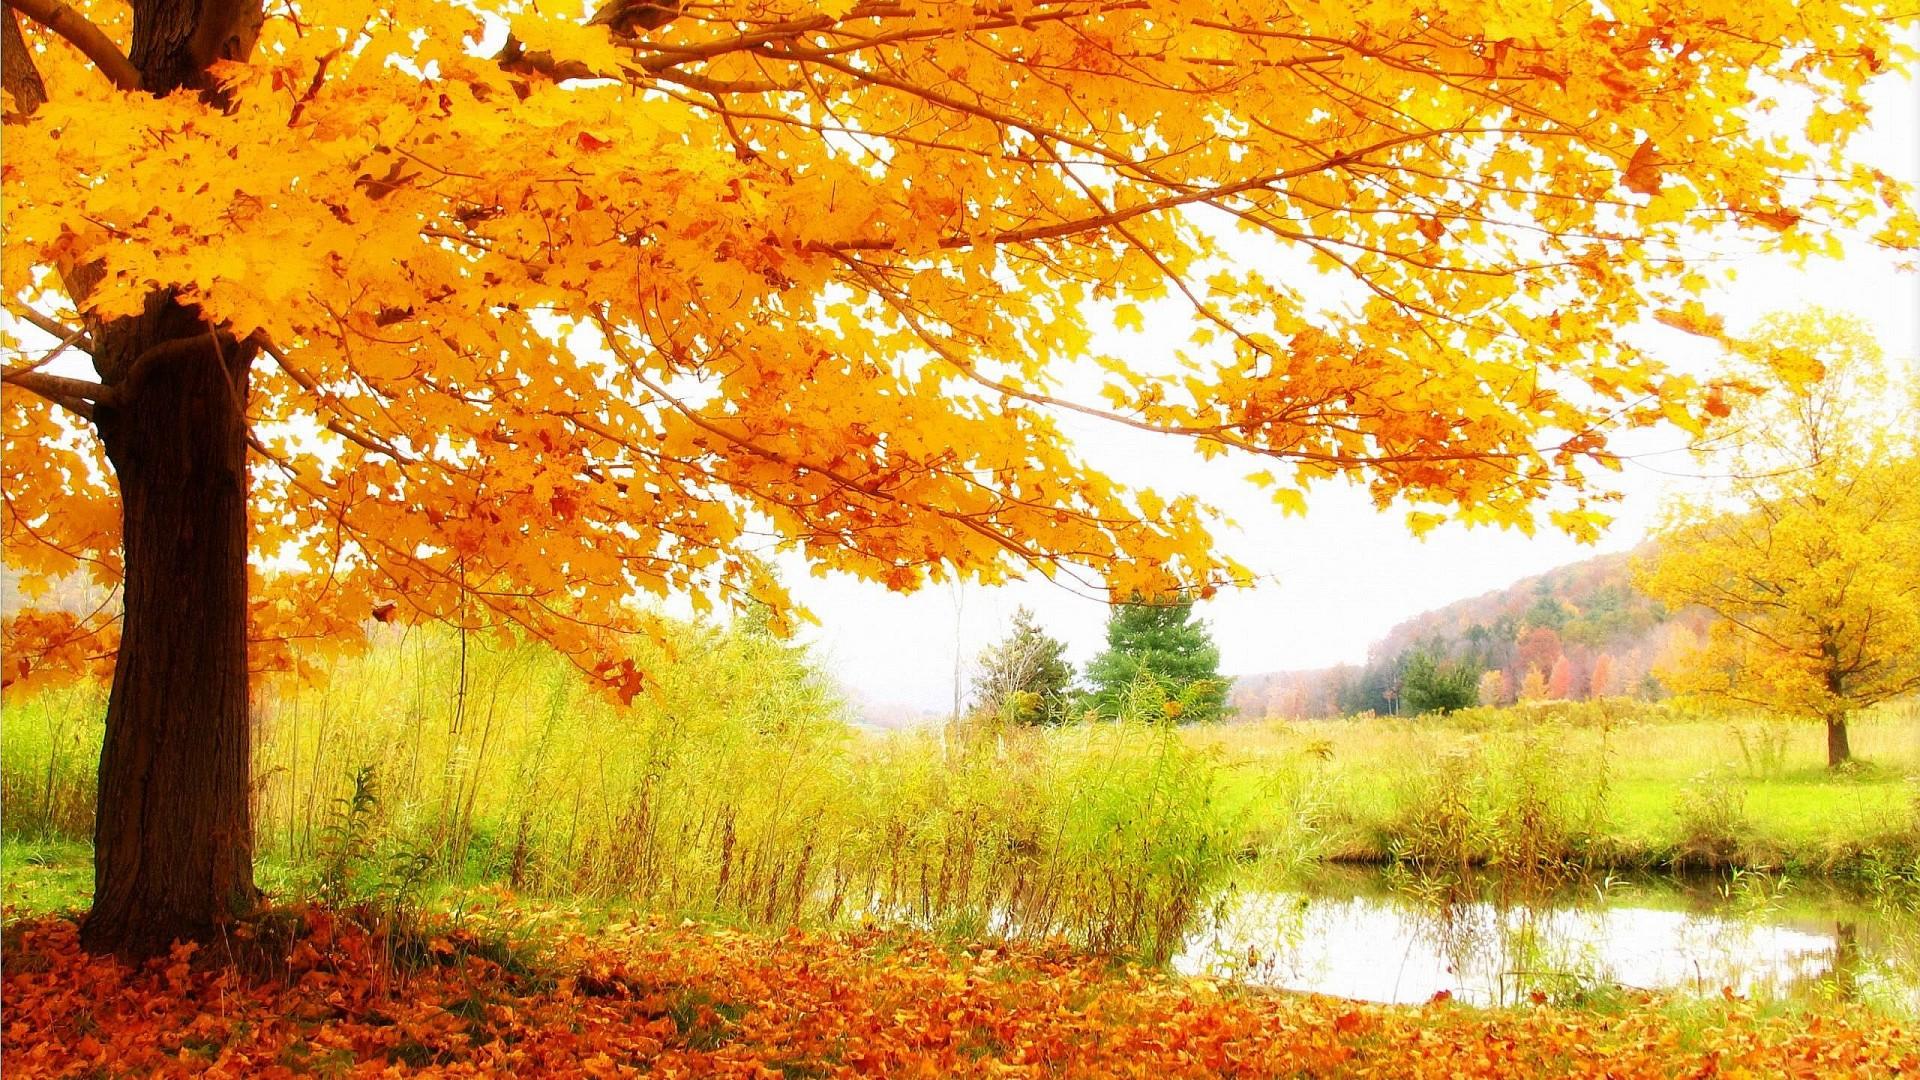 autumn wallpapersautumn picautumn picturesautumn - photo #6